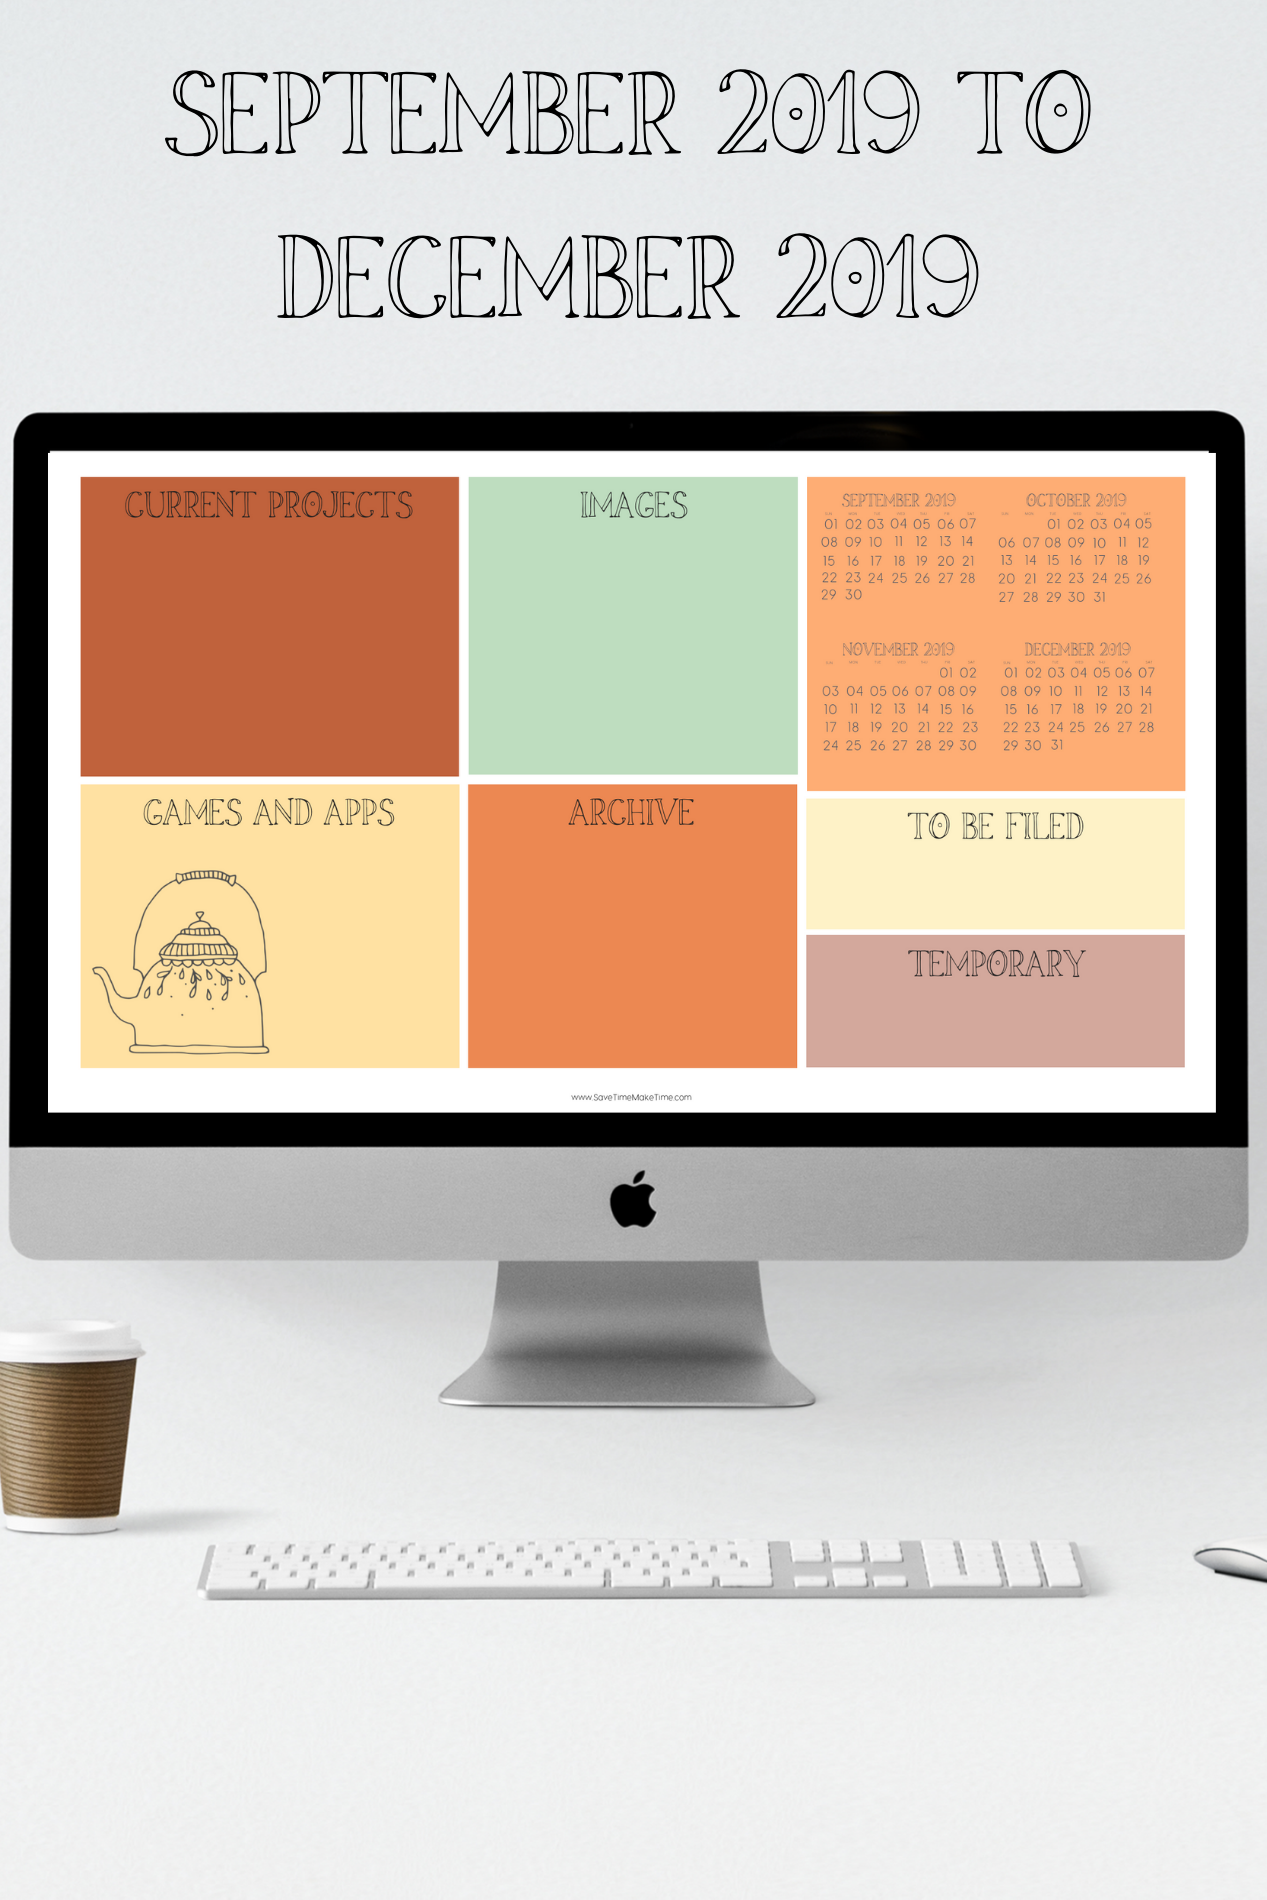 Seasonal Desktop Wallpaper Organizers And Calendars Hygge Inspired Save Time Make T In 2020 Desktop Wallpaper Organizer Desktop Wallpaper Cool Wallpapers For Phones